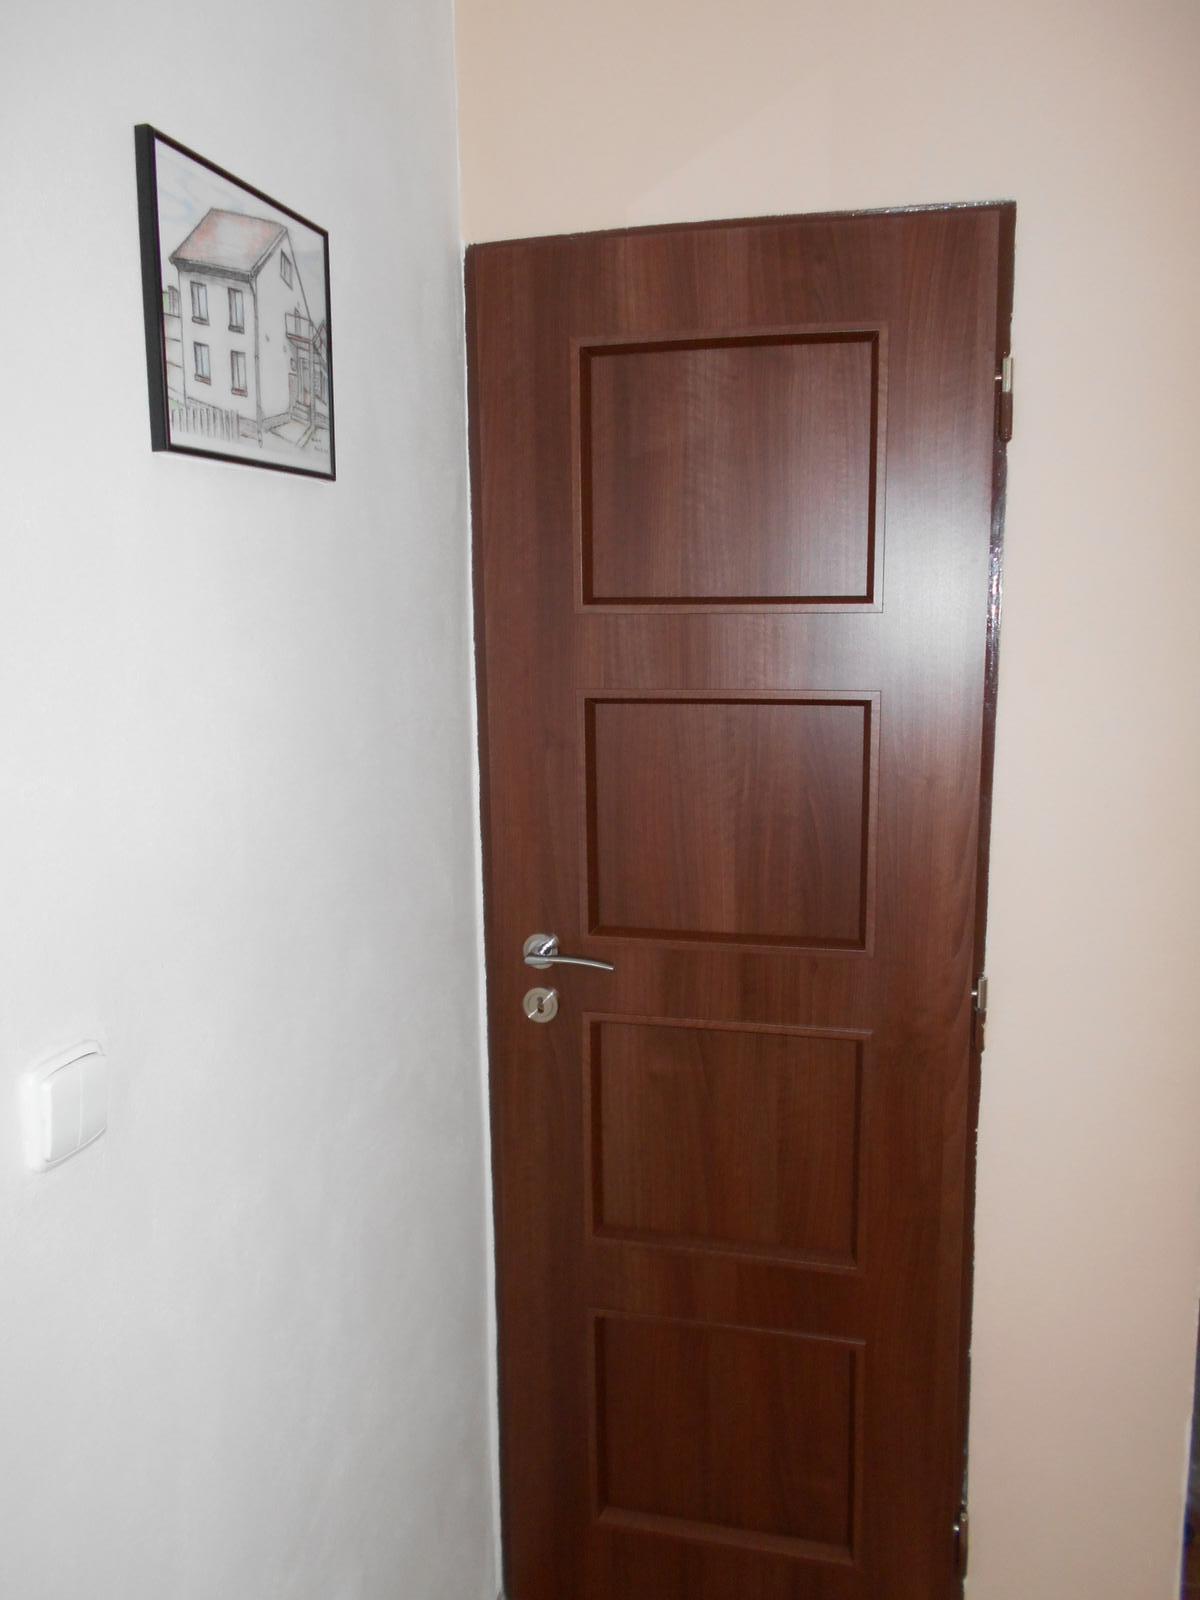 WC - Nové dveře ... :o)